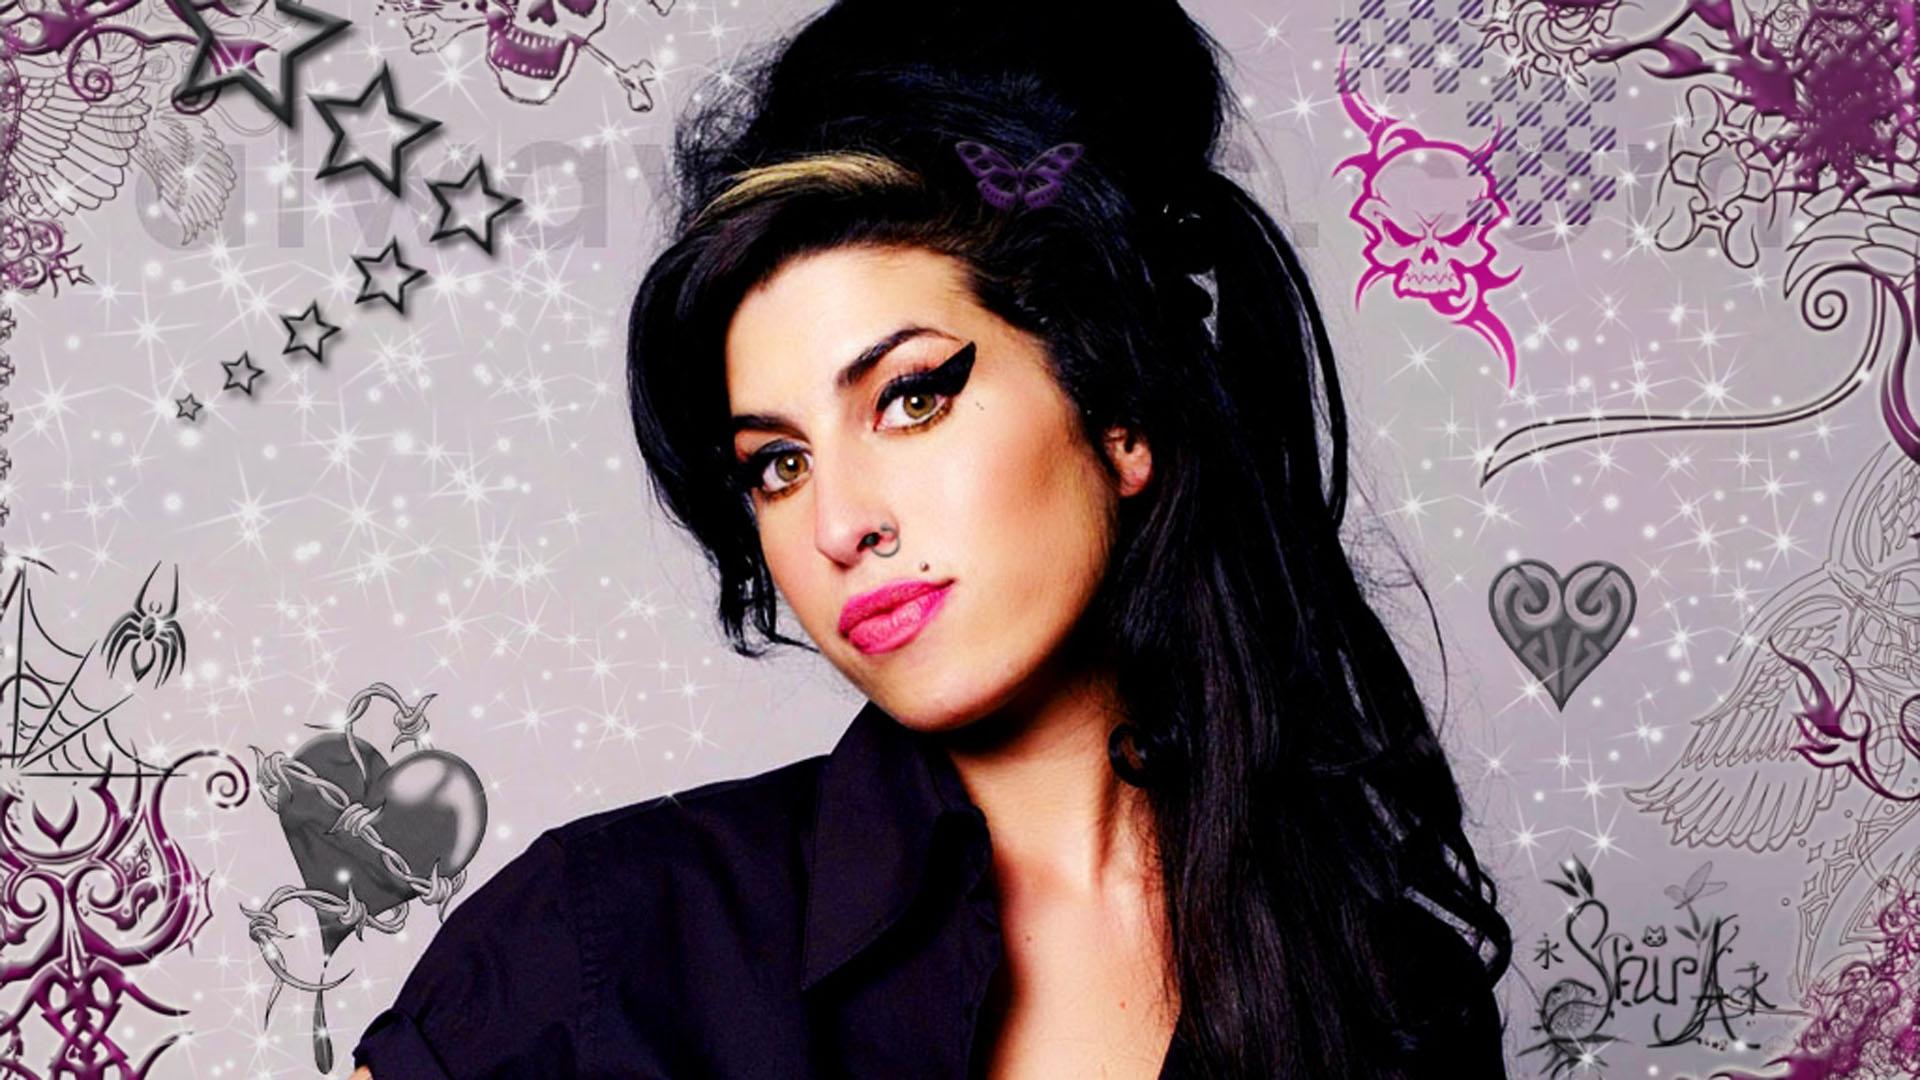 La familia de Winehouse dará el visto bueno final del show, que probablemente dure entre 75 y 110 minutos